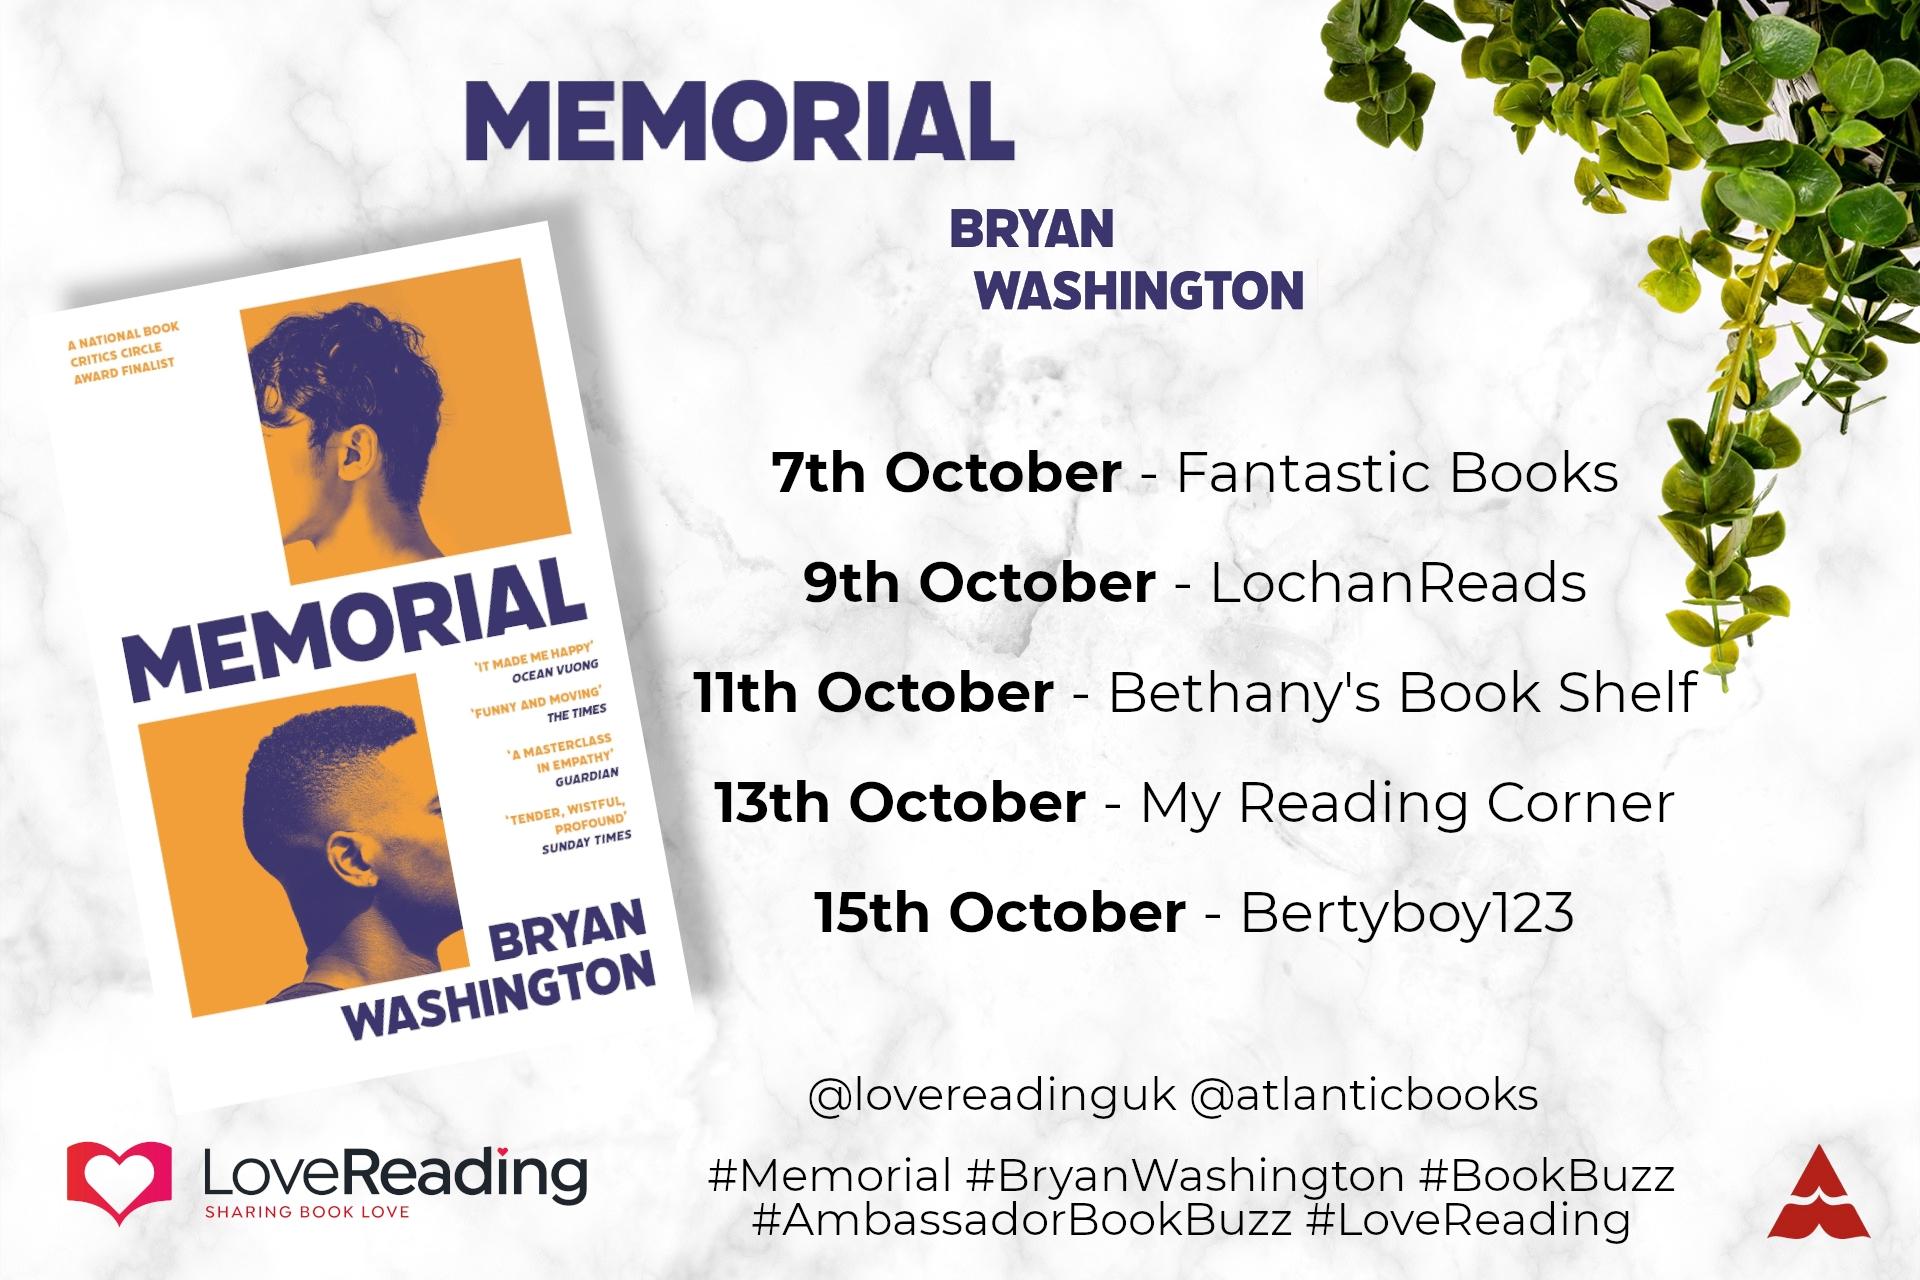 Ambassador Book Buzz: Memorial by Bryan Washington